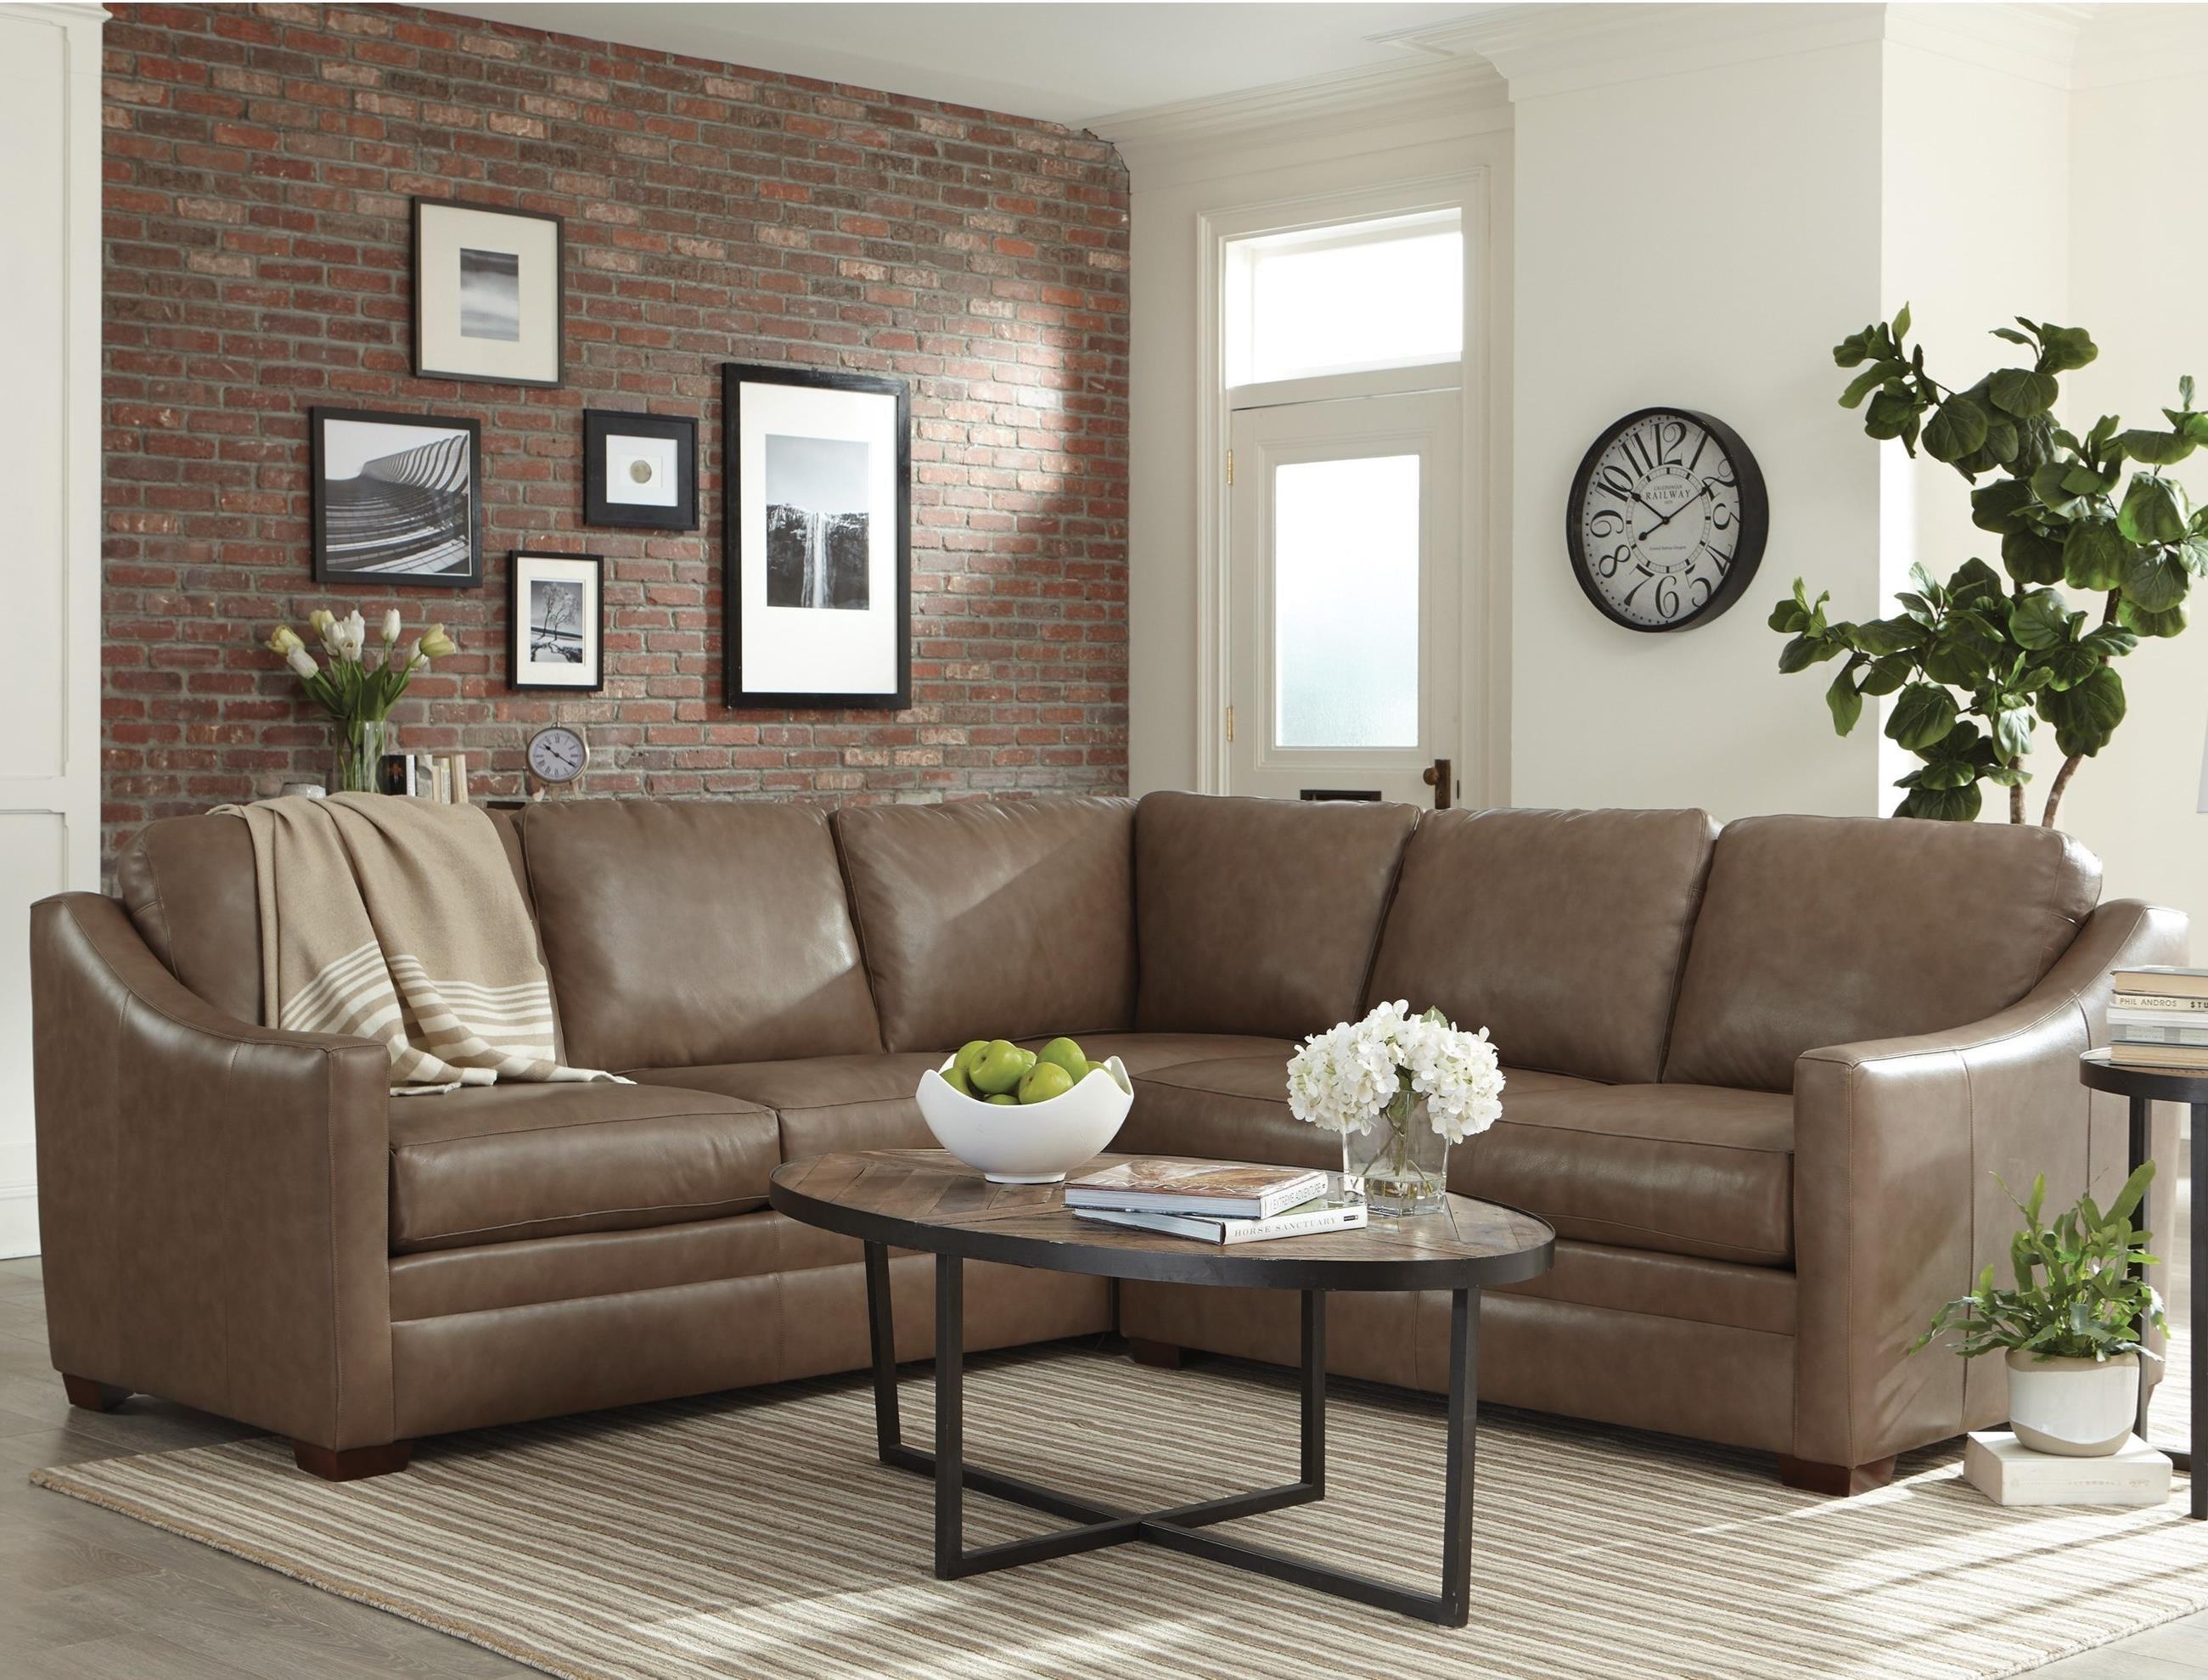 L9 Custom - Design Options Custom 2 Pc Sectional Sofa